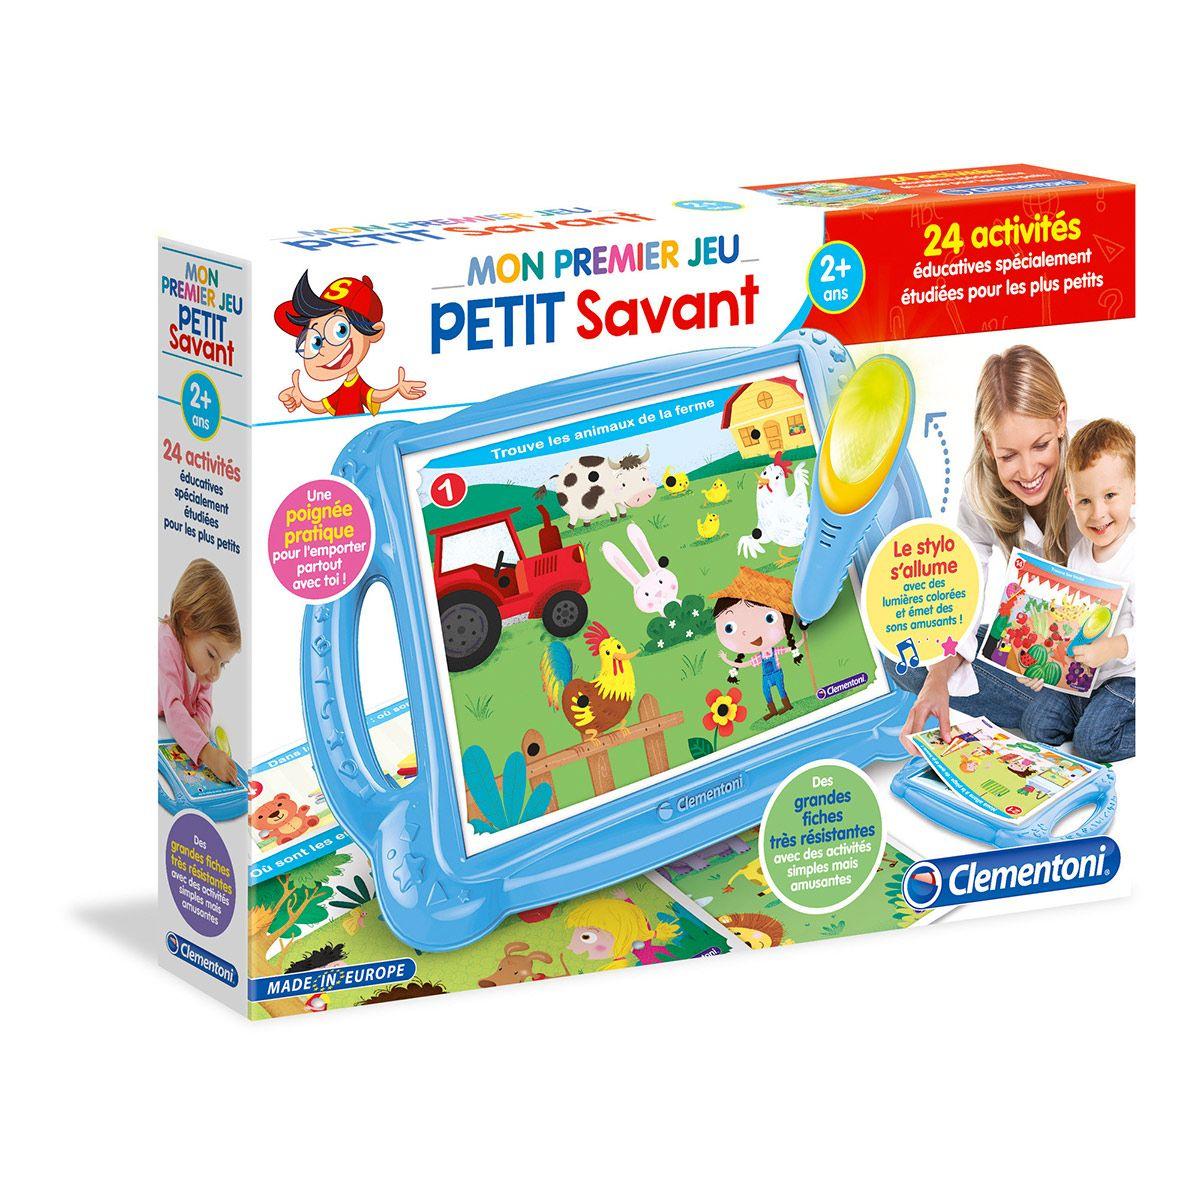 Mon Premier Jeu Petit Savant - 1Ers Apprentissages - La concernant Jeux Educatif Pour Tout Petit Gratuit